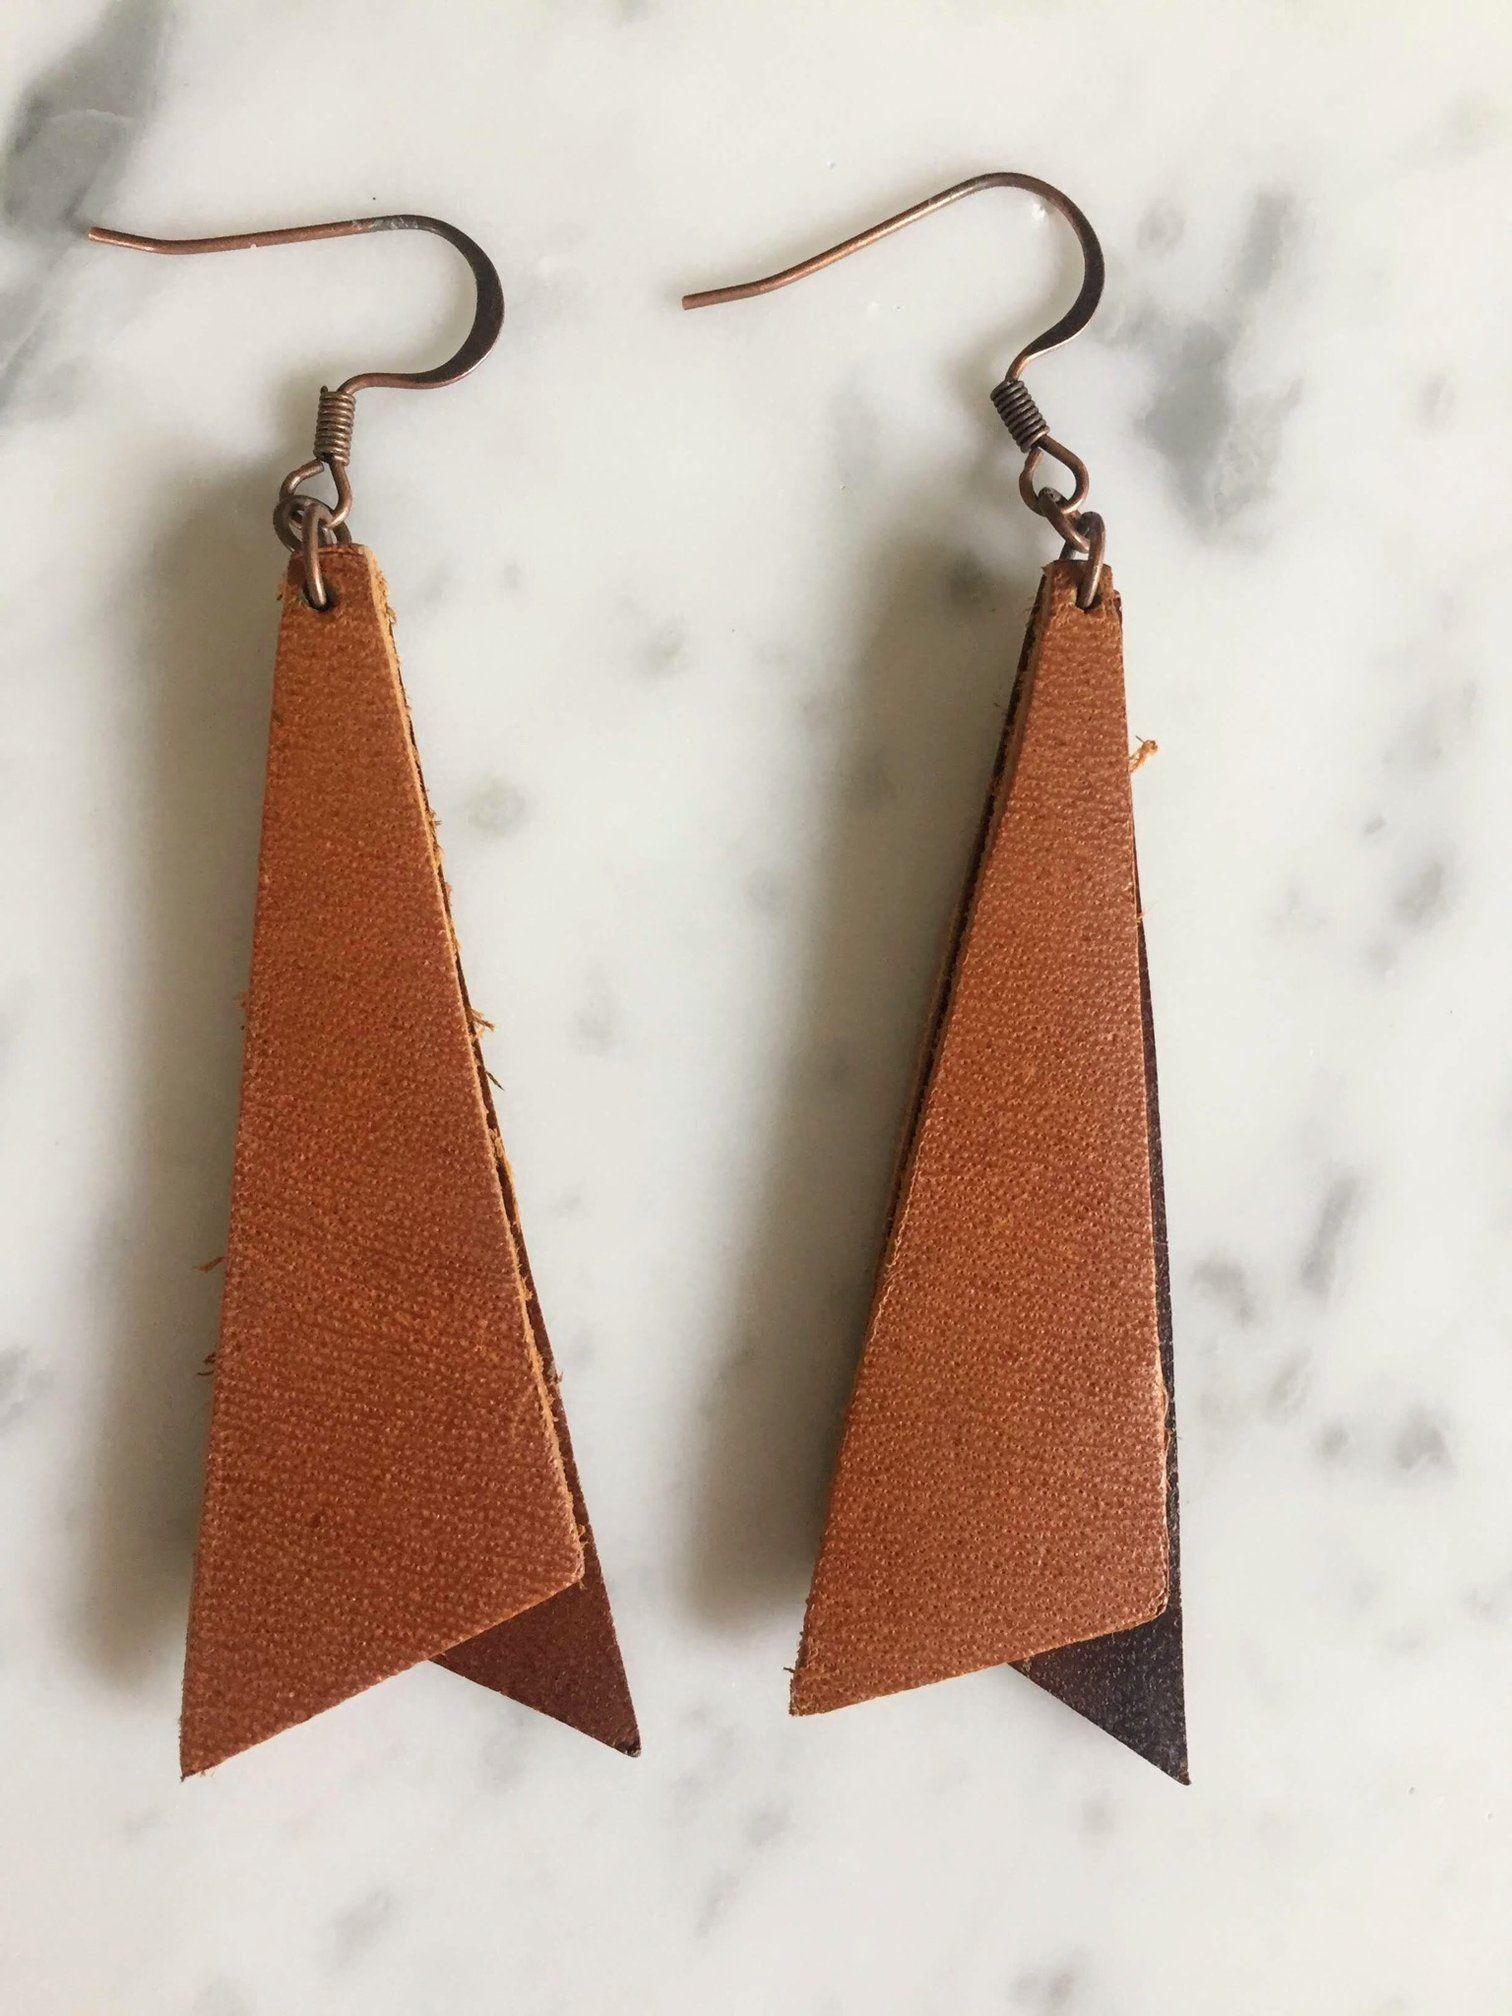 Leather Triangle Earrings  Leather Bar Earrings  Brass Earrings  Lightweight Earrings  Leather Geometric Earrings